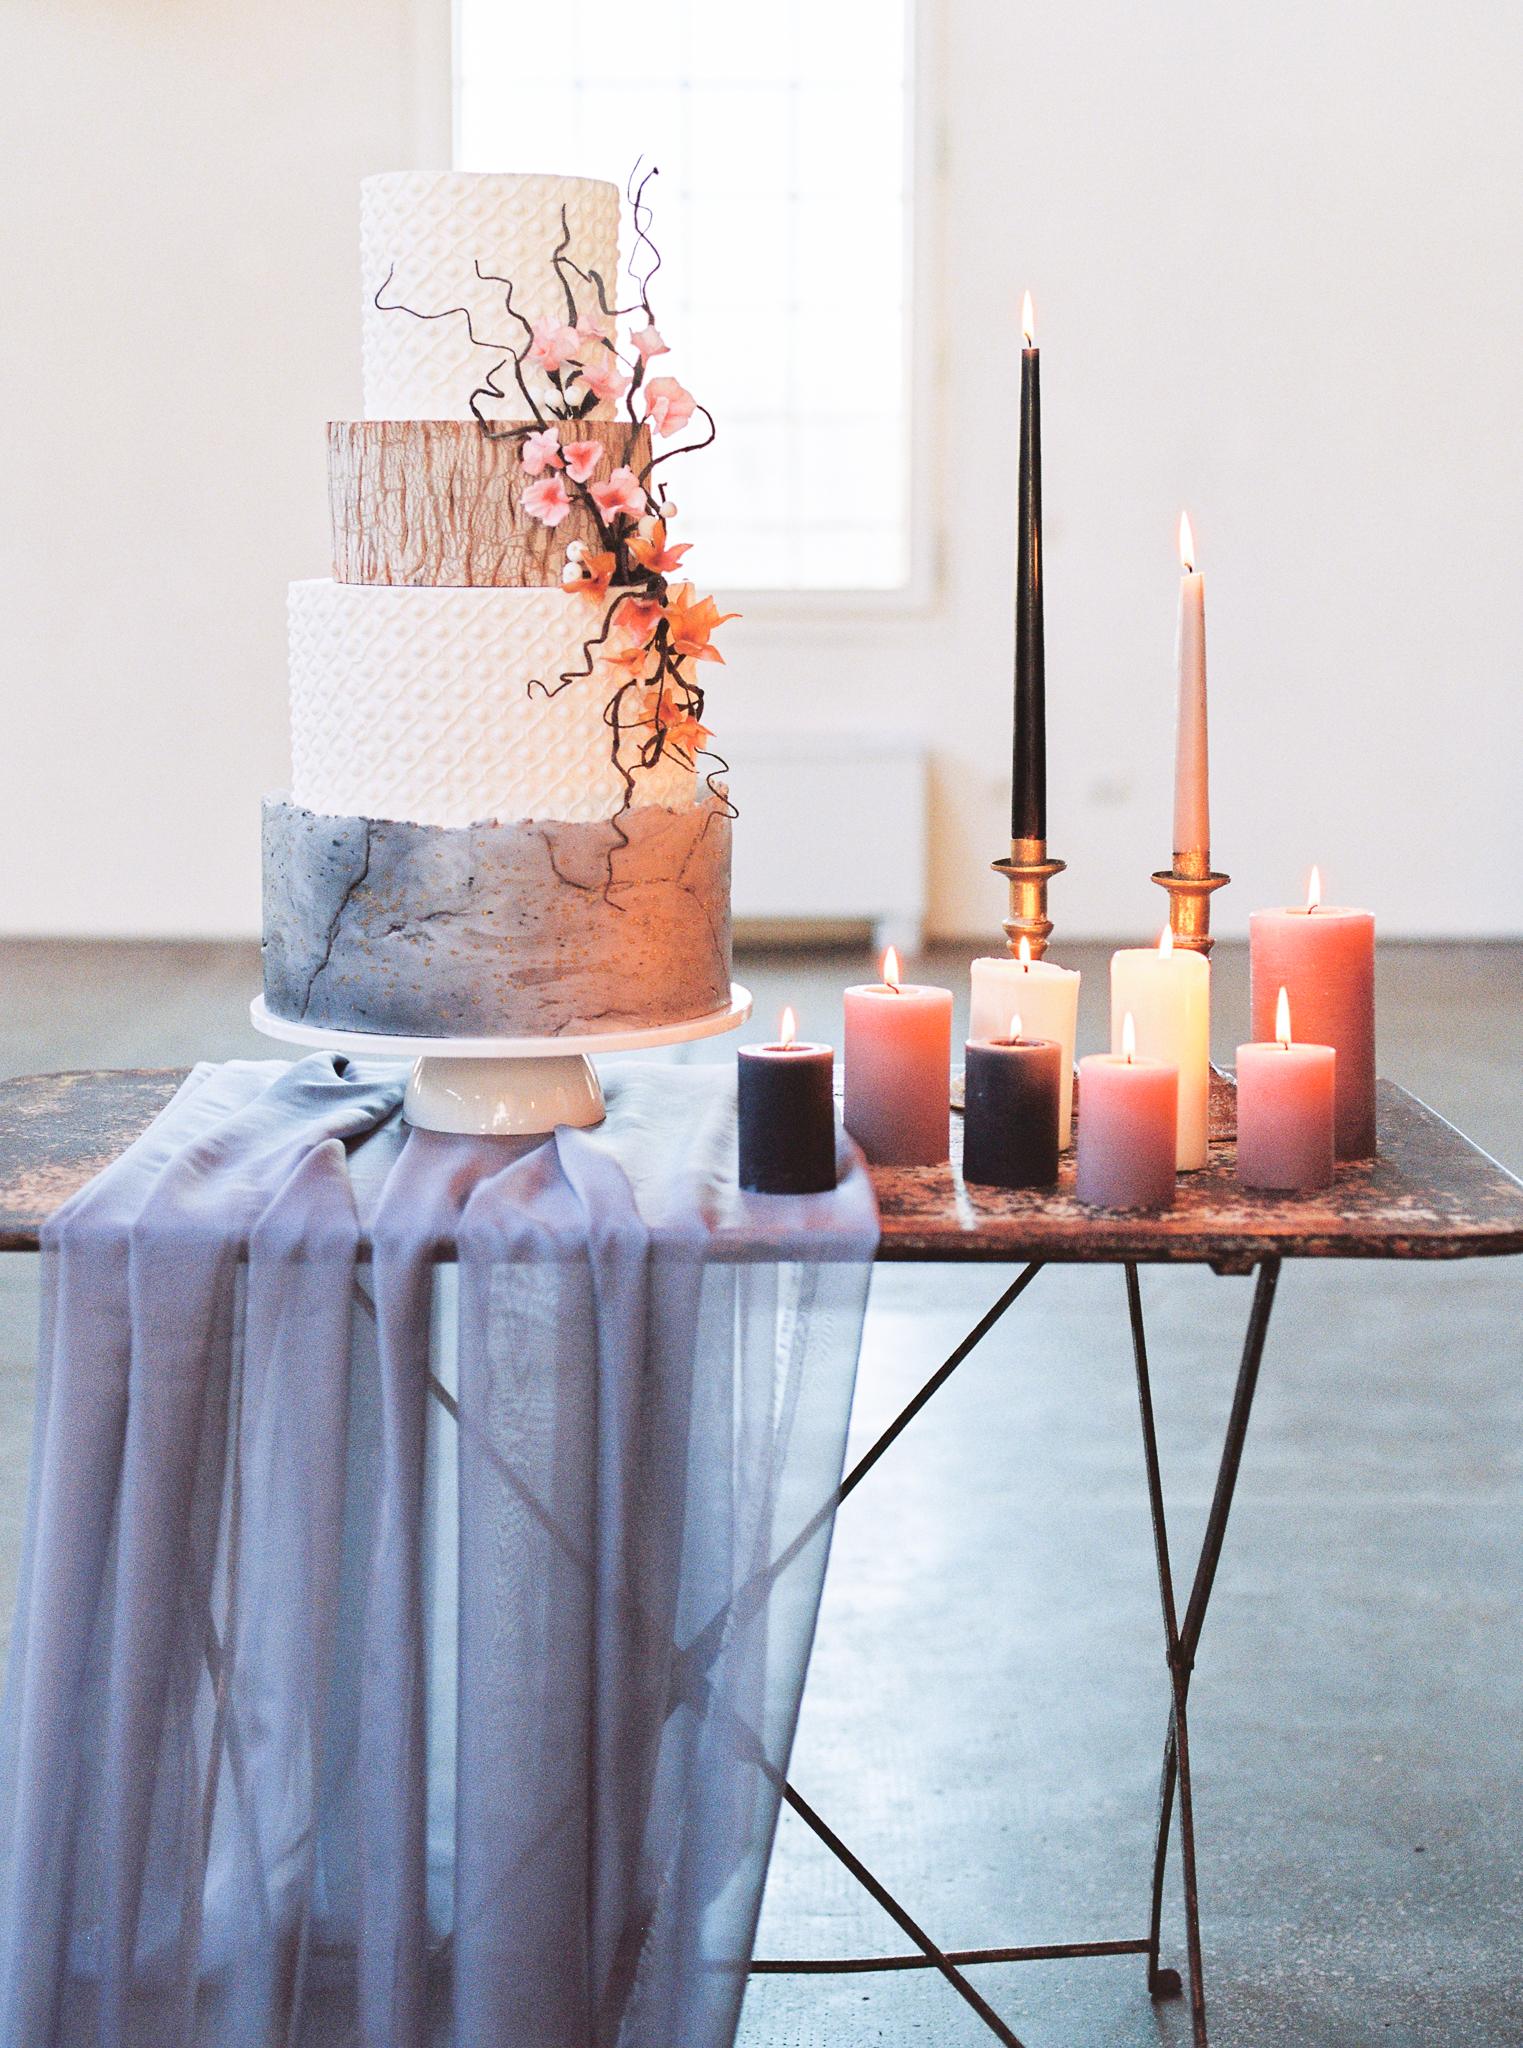 wedding cake stile industrial chic in pasta di zucchero effetto cemento e legno con fiori